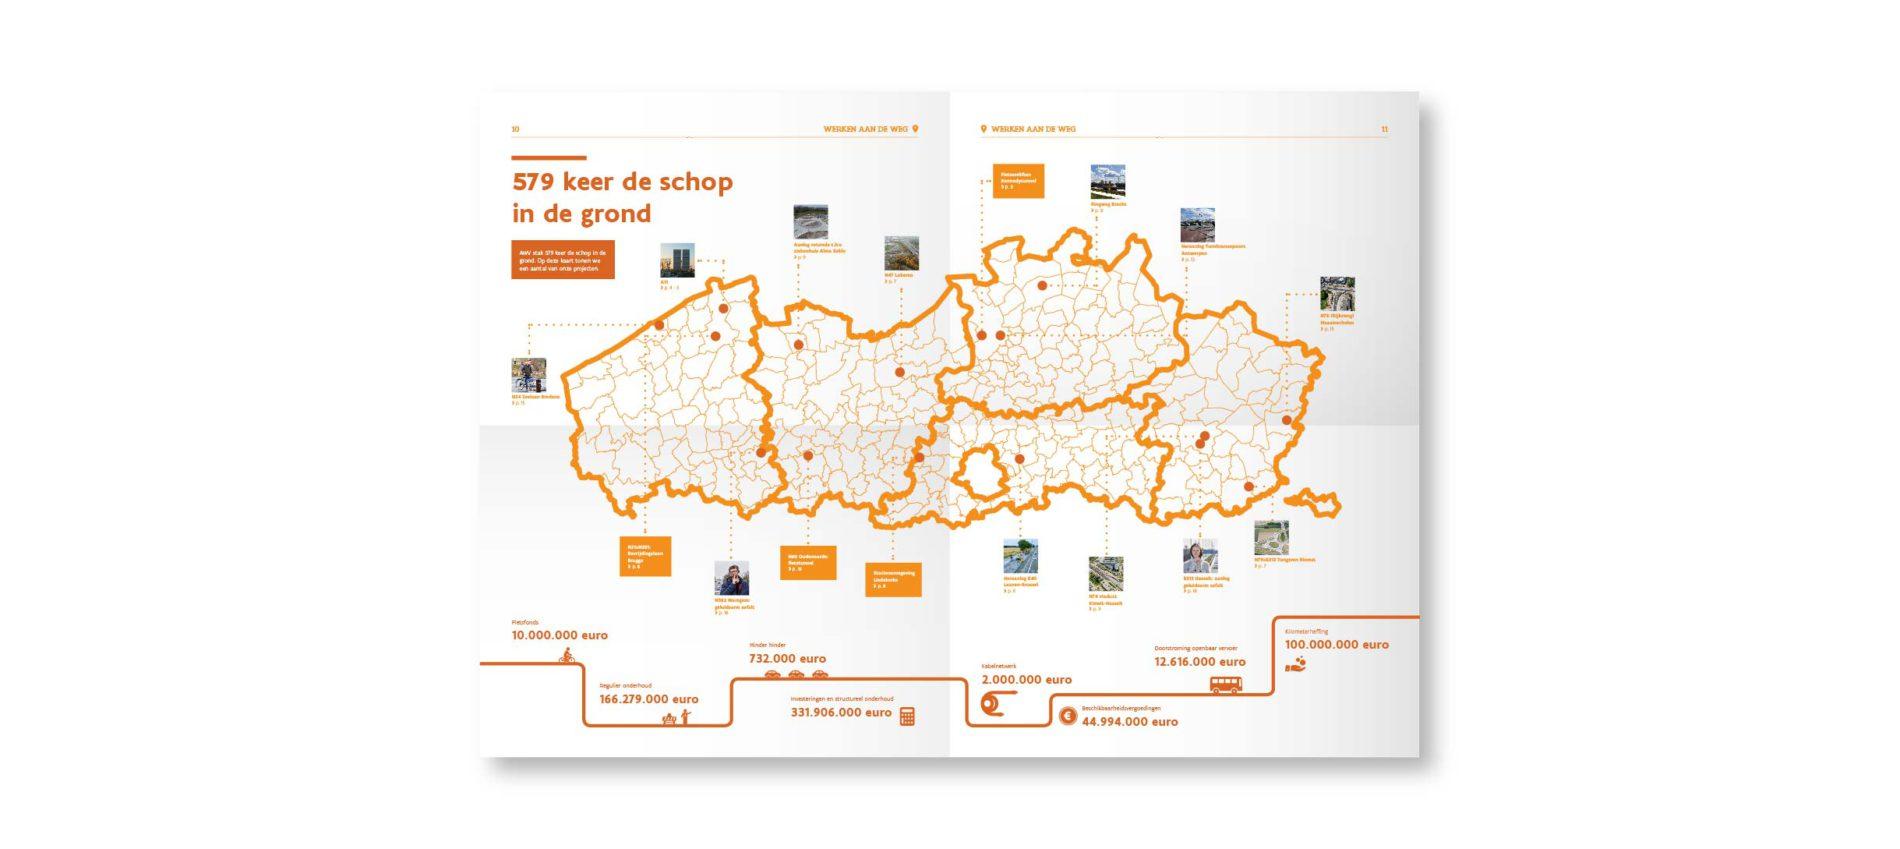 Kaart in het jaarverslag.